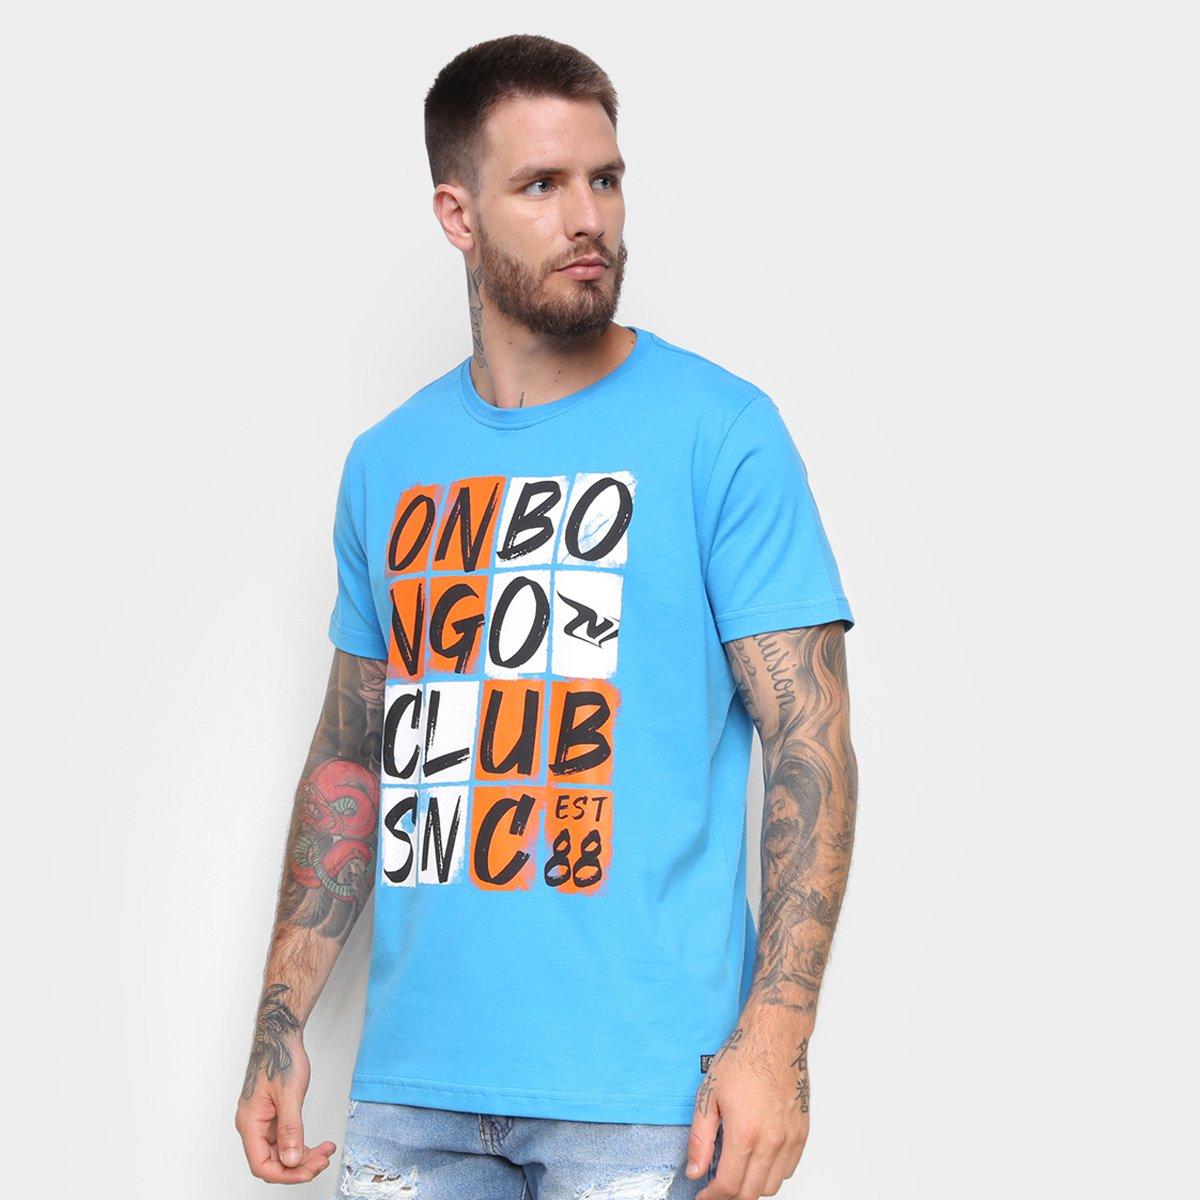 Camiseta Onbongo Estampada Club Masculina